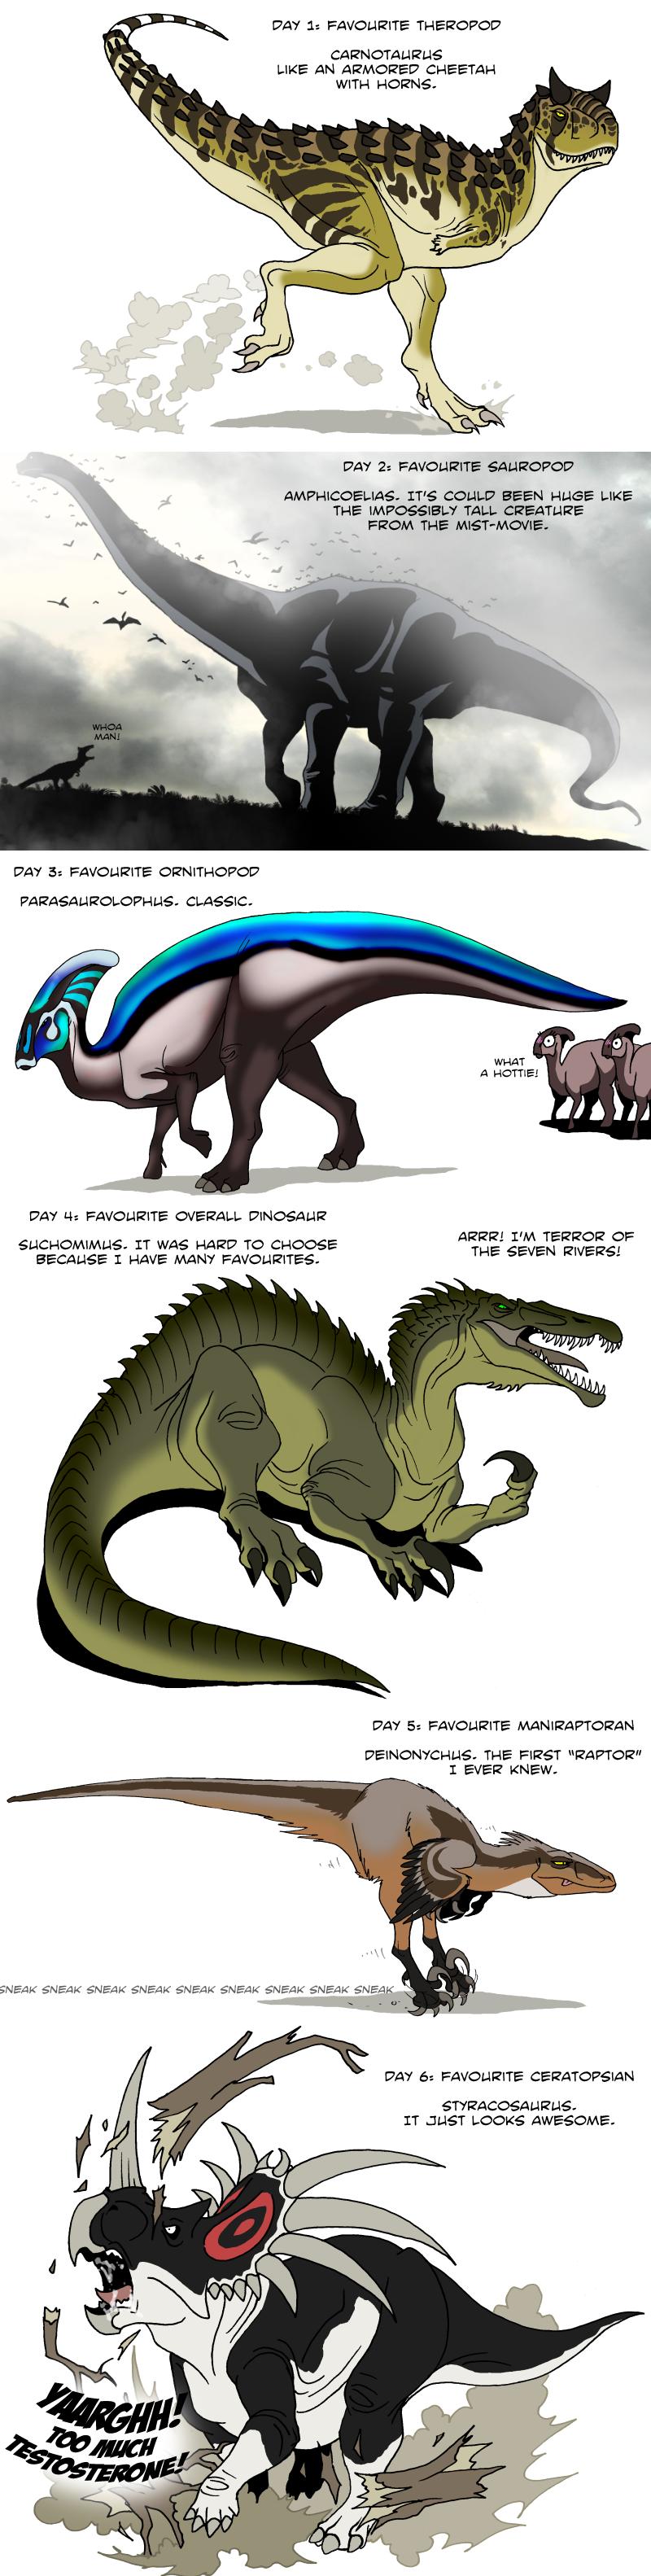 Isismasshiro's Dinosaur art challenge #dinosaurart